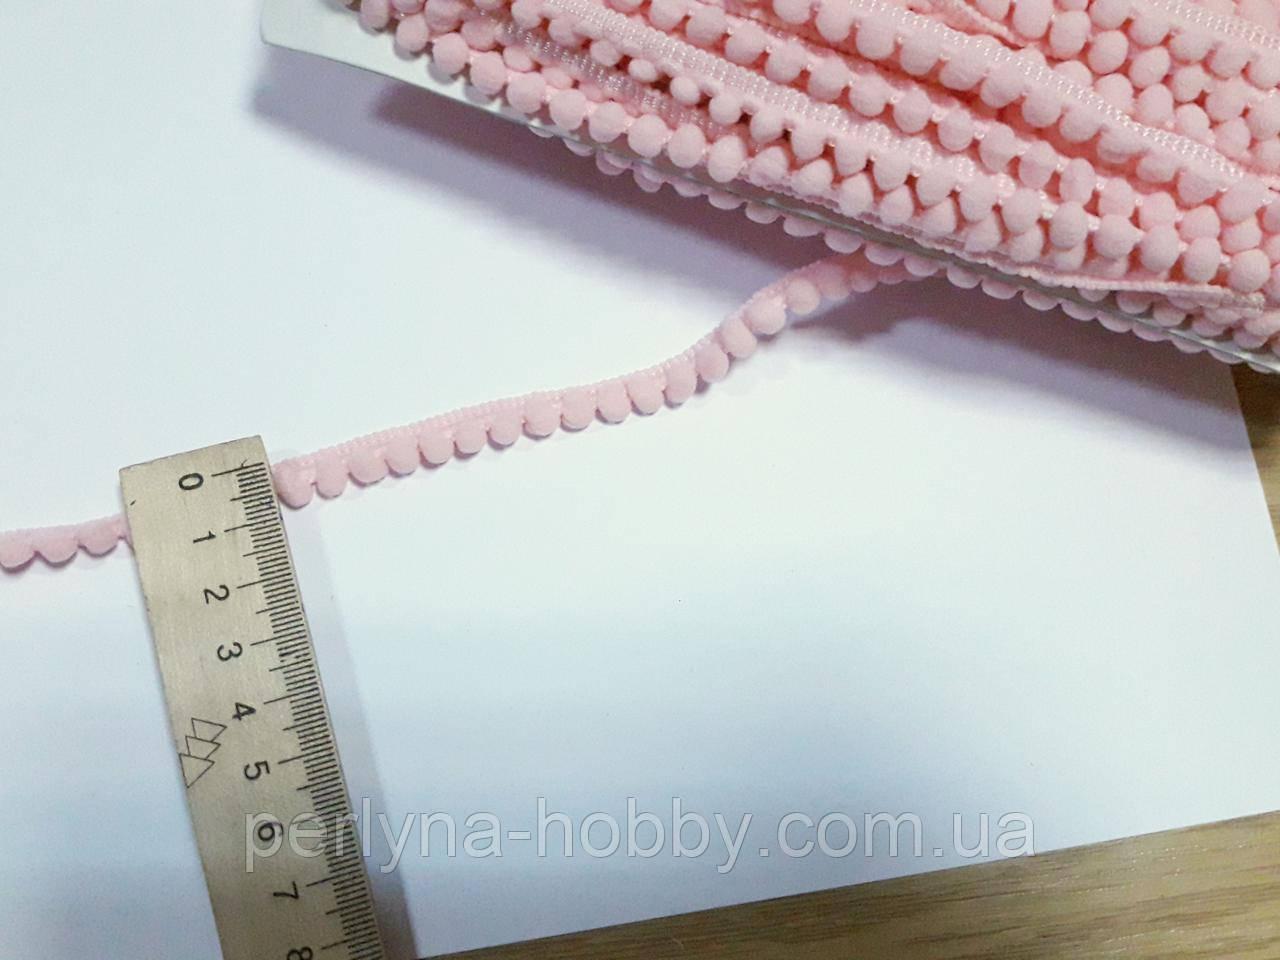 Тасьма декоративна з помпонами тонка 6-7 мм, рожева